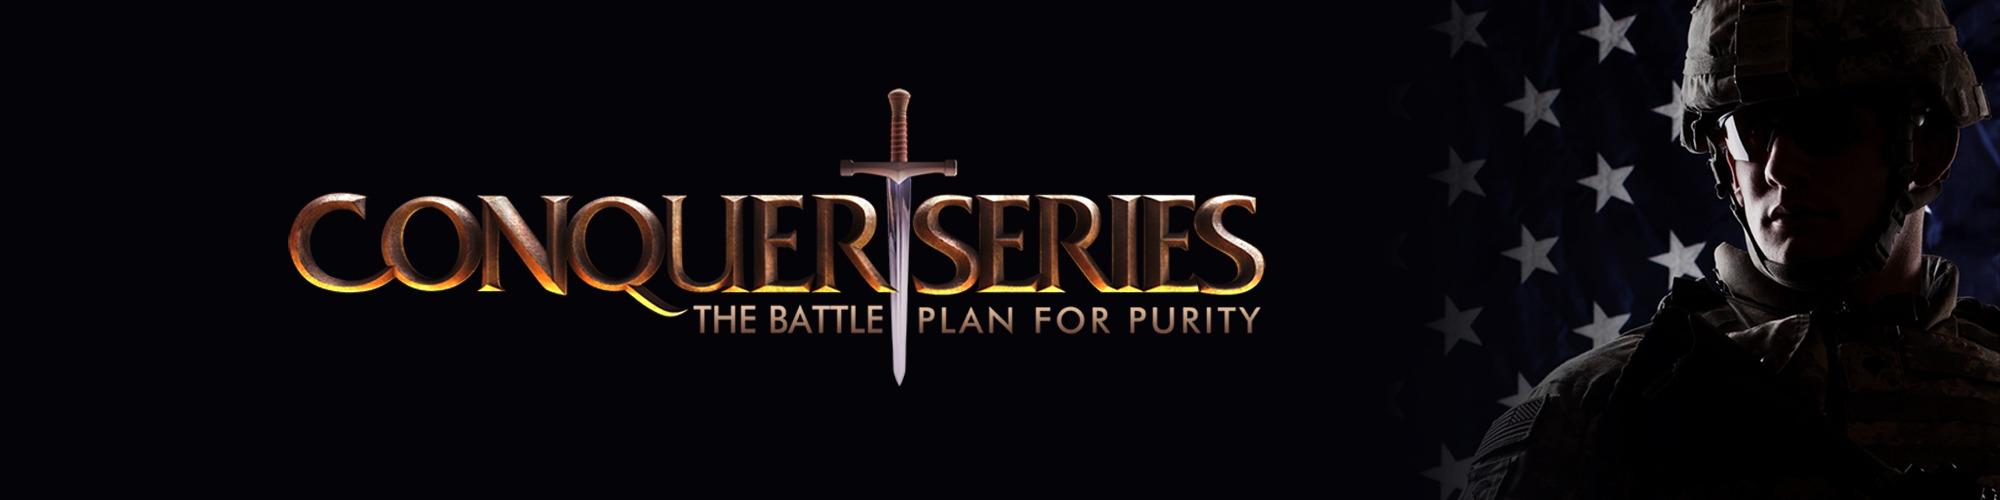 Conquer Series | Vital Ministries